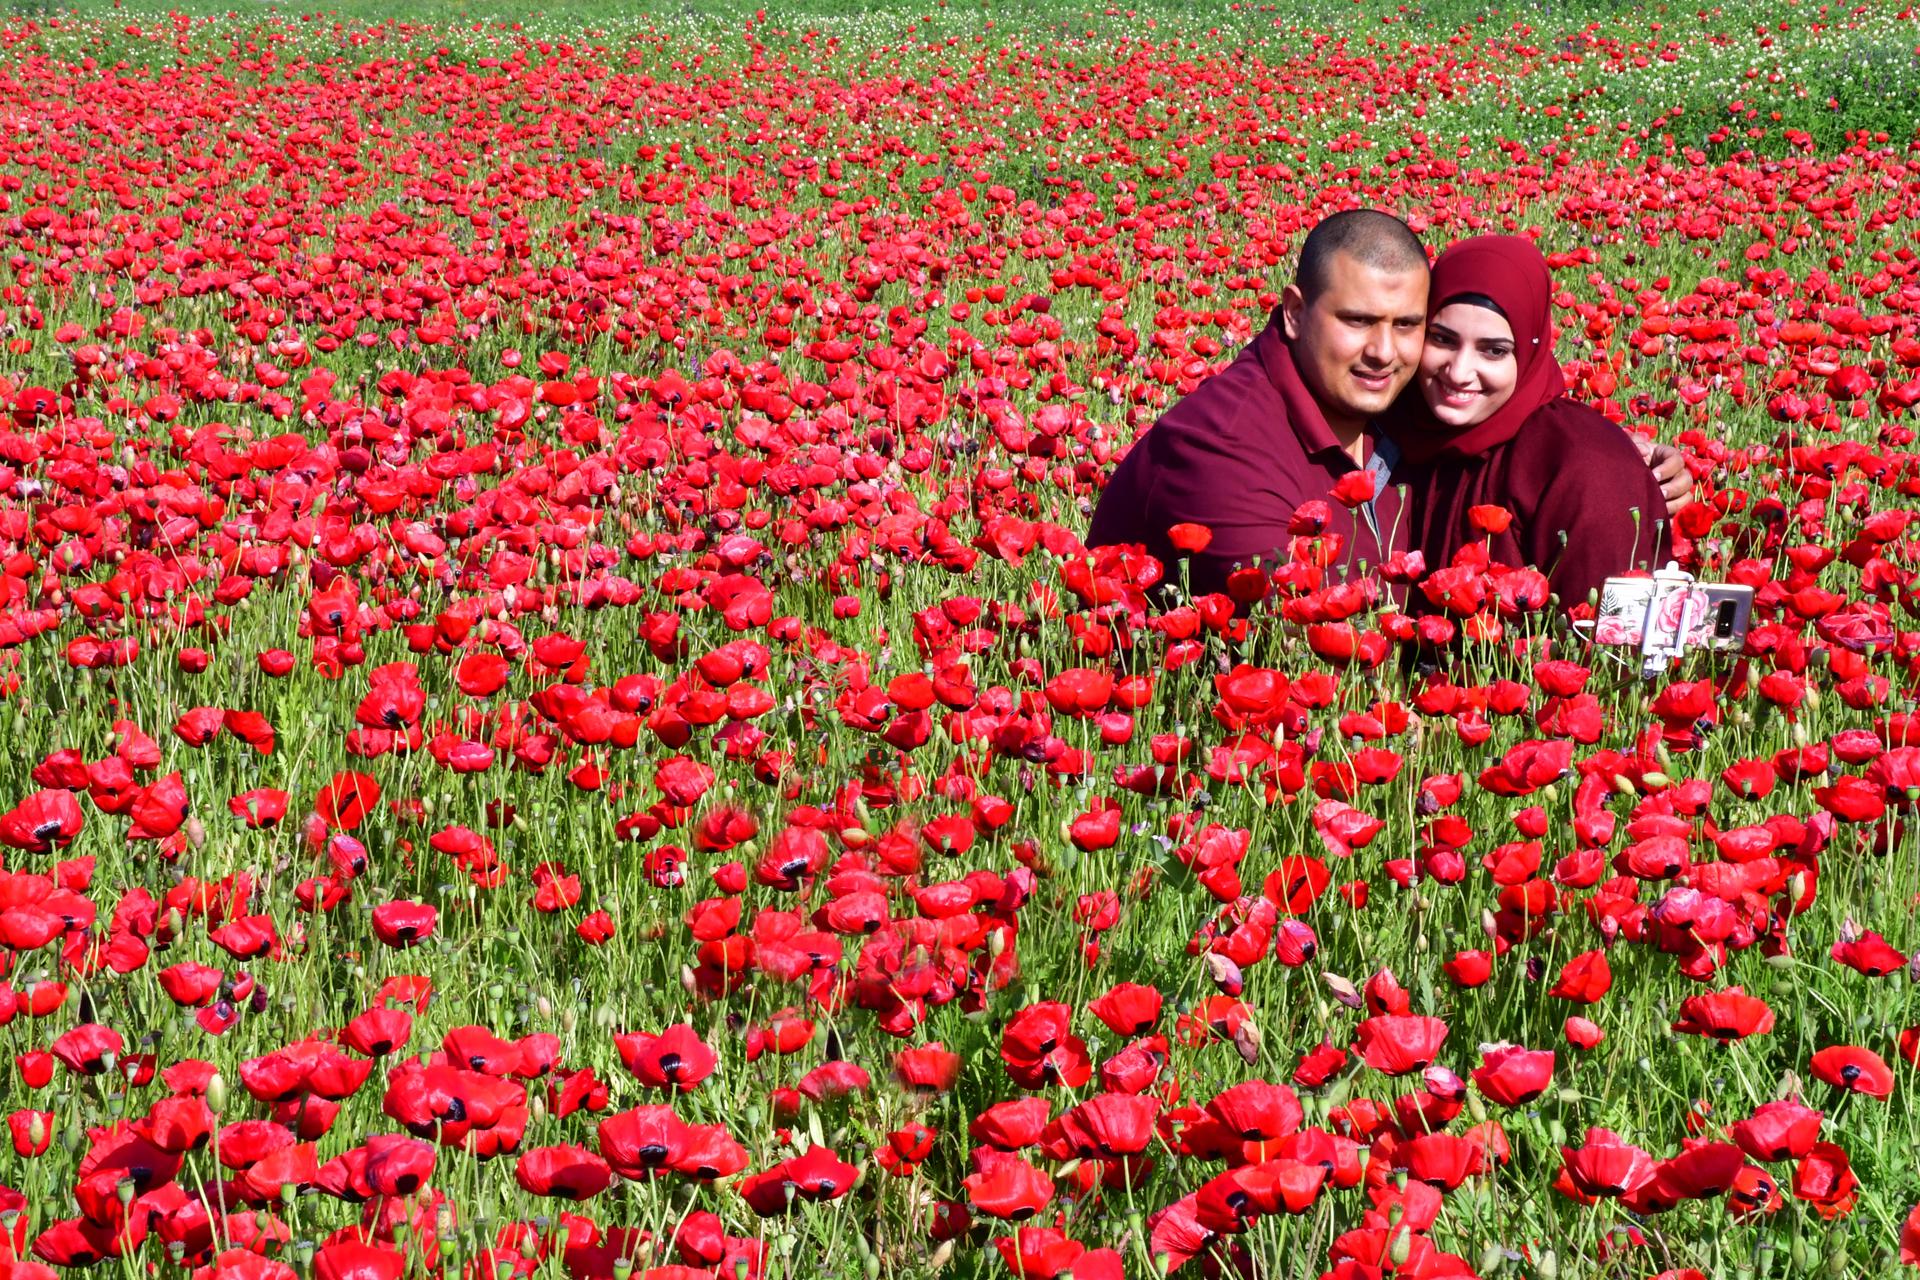 אדום - פרגים תל מגידו - יואל שתרוג - אדמה יוצרת - yoel sitruk